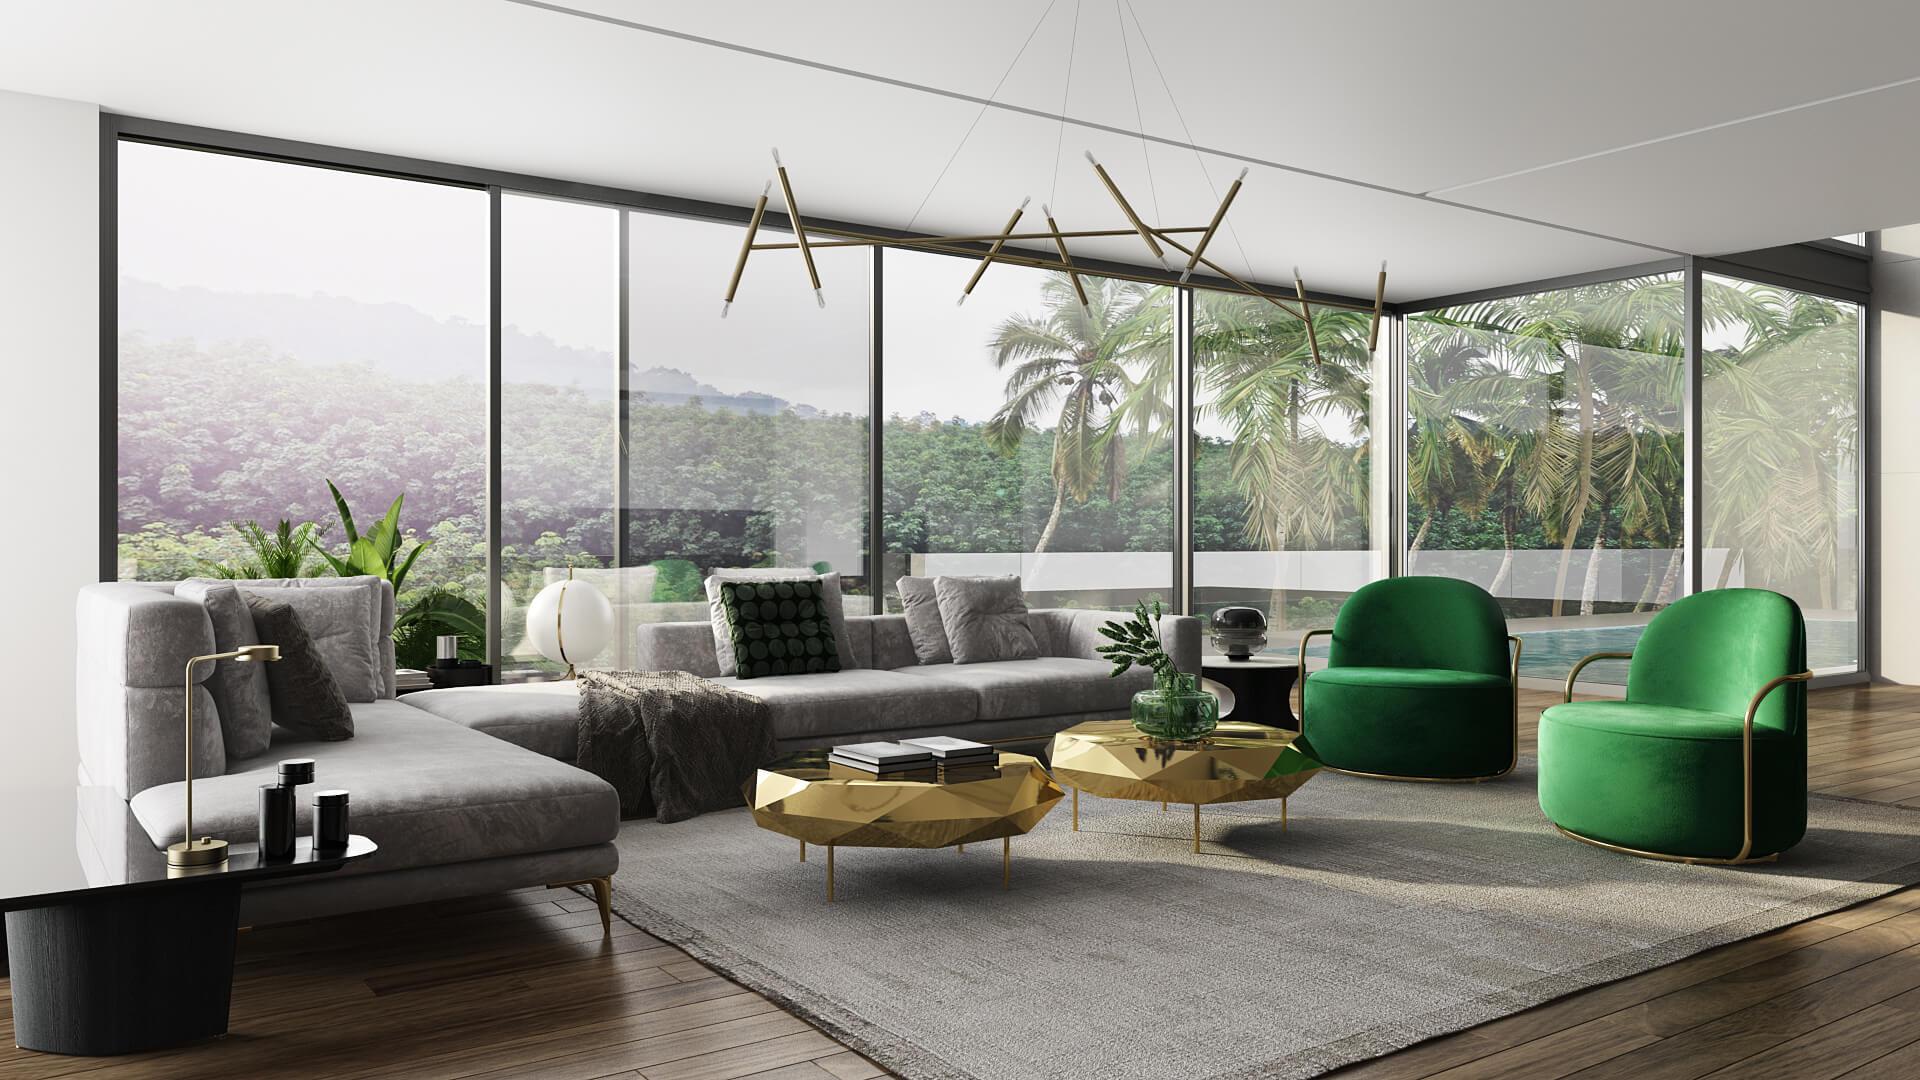 3D Design Tools for Project Presentation: Lving Room